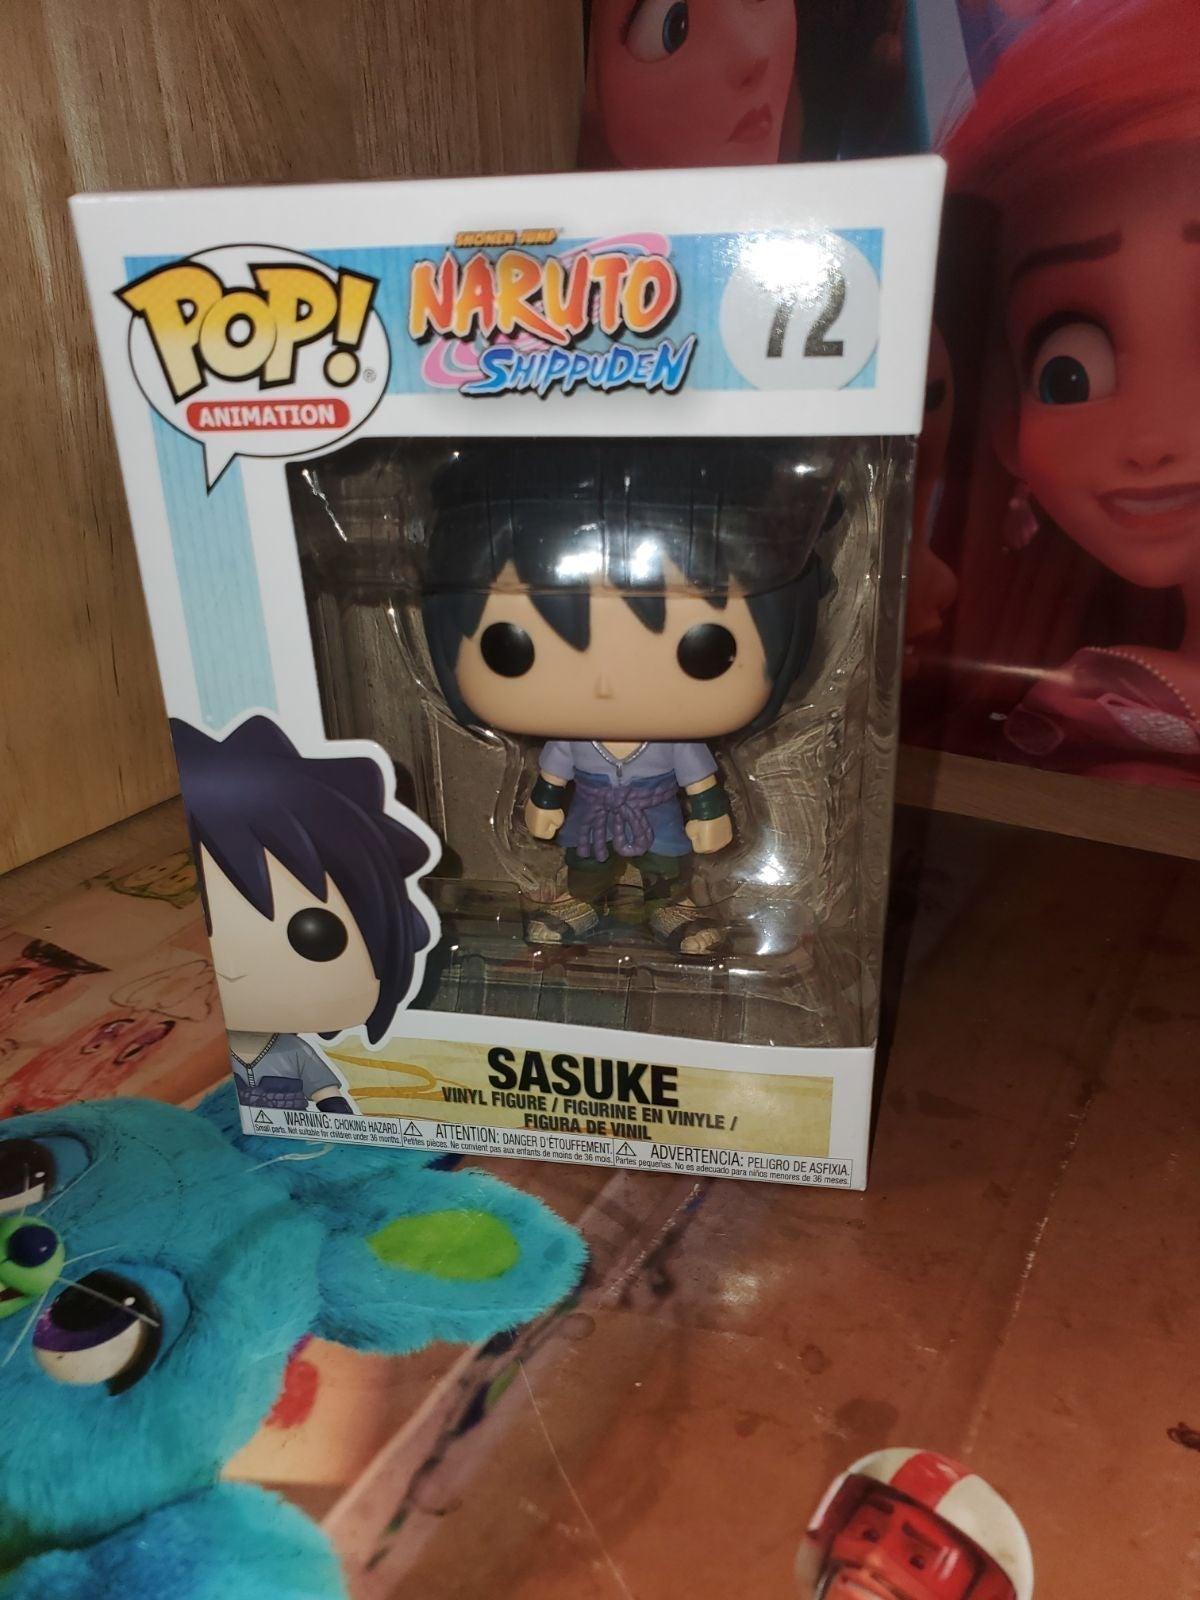 Sasuke Funko Pop Naruto